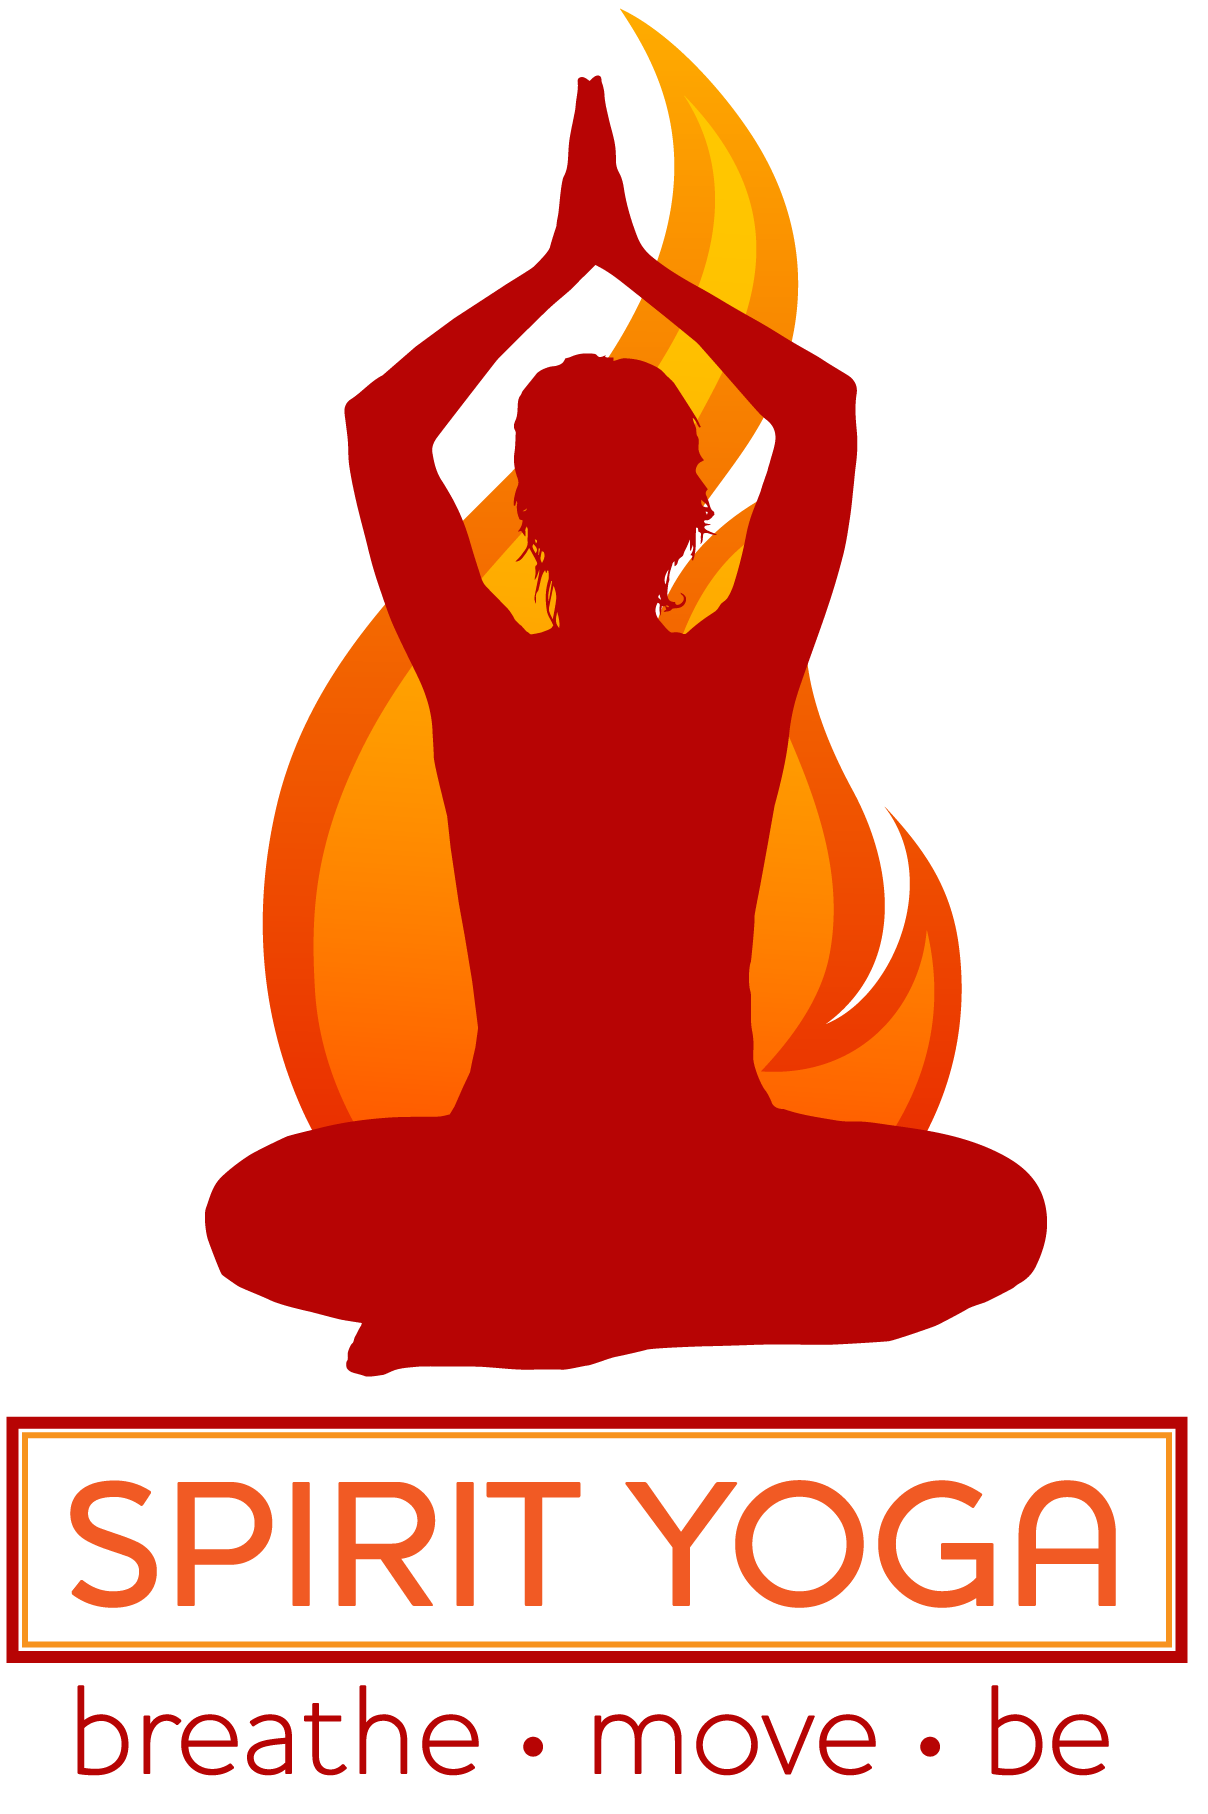 Spirit Yoga KI